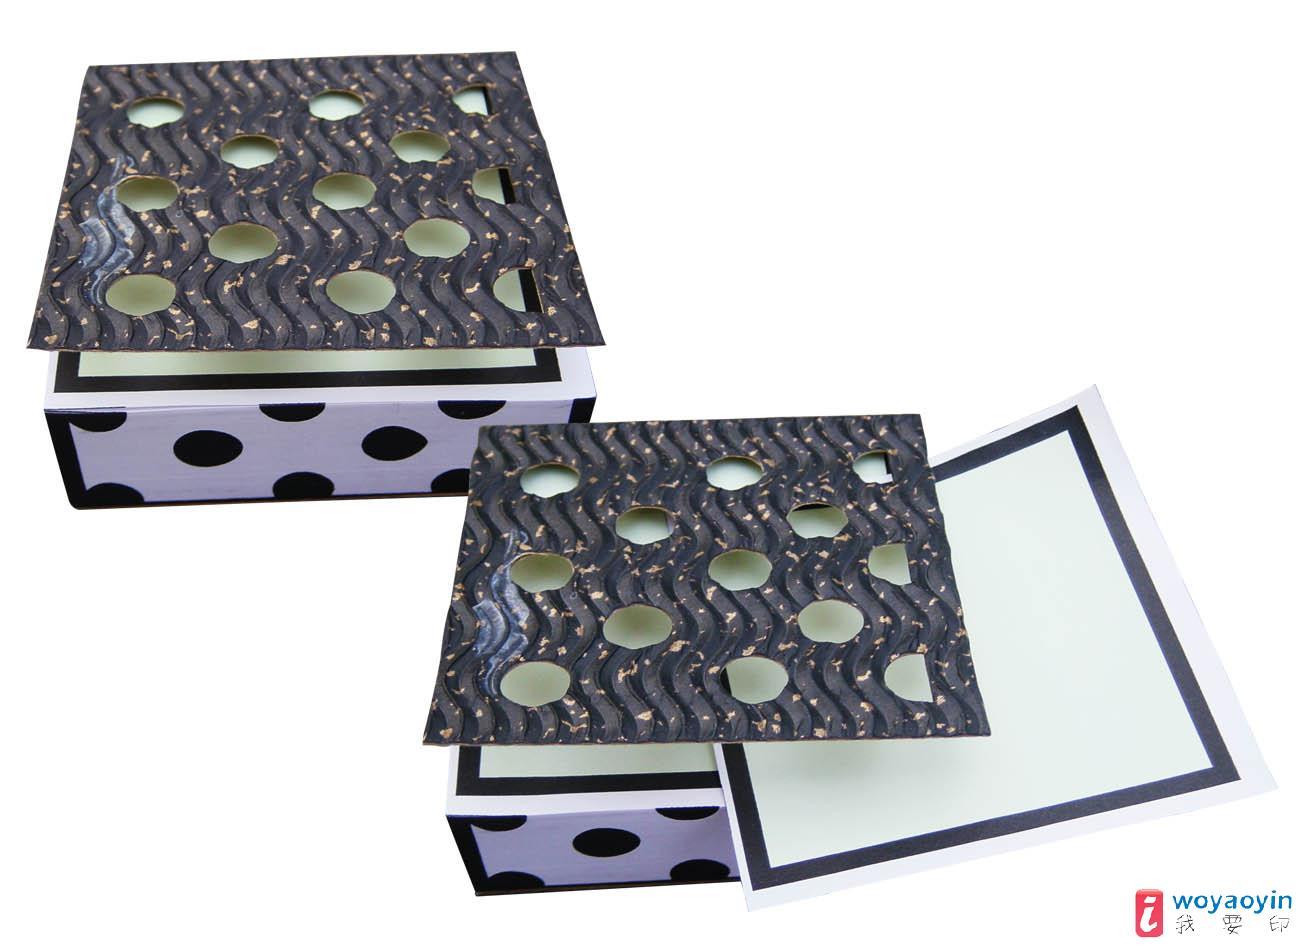 【供应】品名:创意手绘系列纸砖--黑色圆点